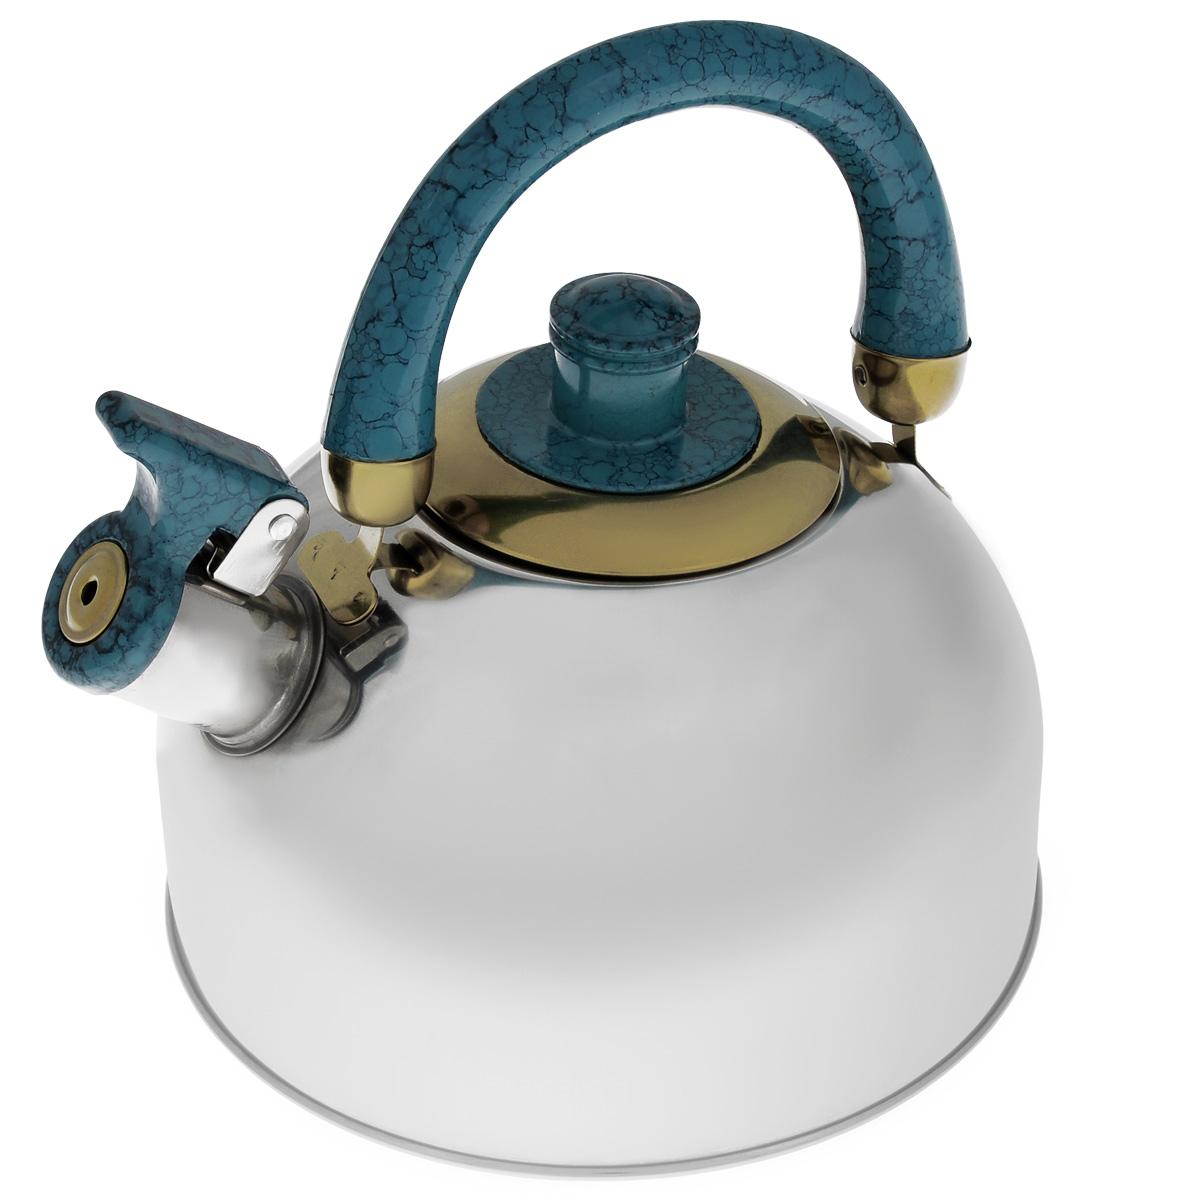 Чайник Mayer & Boch, со свистком, цвет: голубой, 2 л. MB-1622MB-1622 голубойЧайник Mayer & Boch выполнен из шлифованной зеркальной нержавеющей стали высокой прочности. Чайник оснащен откидным свистком, который громко оповестит о закипании воды. Удобная эргономичная ручка и крышка выполнены из бакелита. Такой чайник идеально впишется в интерьер любой кухни и станет замечательным подарком к любому случаю. Подходит для газовых, электрических, стеклокерамических, галогеновых плит. Не подходит для индукционных плит. Можно мыть в посудомоечной машине. Диаметр чайника (по верхнему краю): 8,5 см. Высота чайника (с учетом ручки): 20 см.